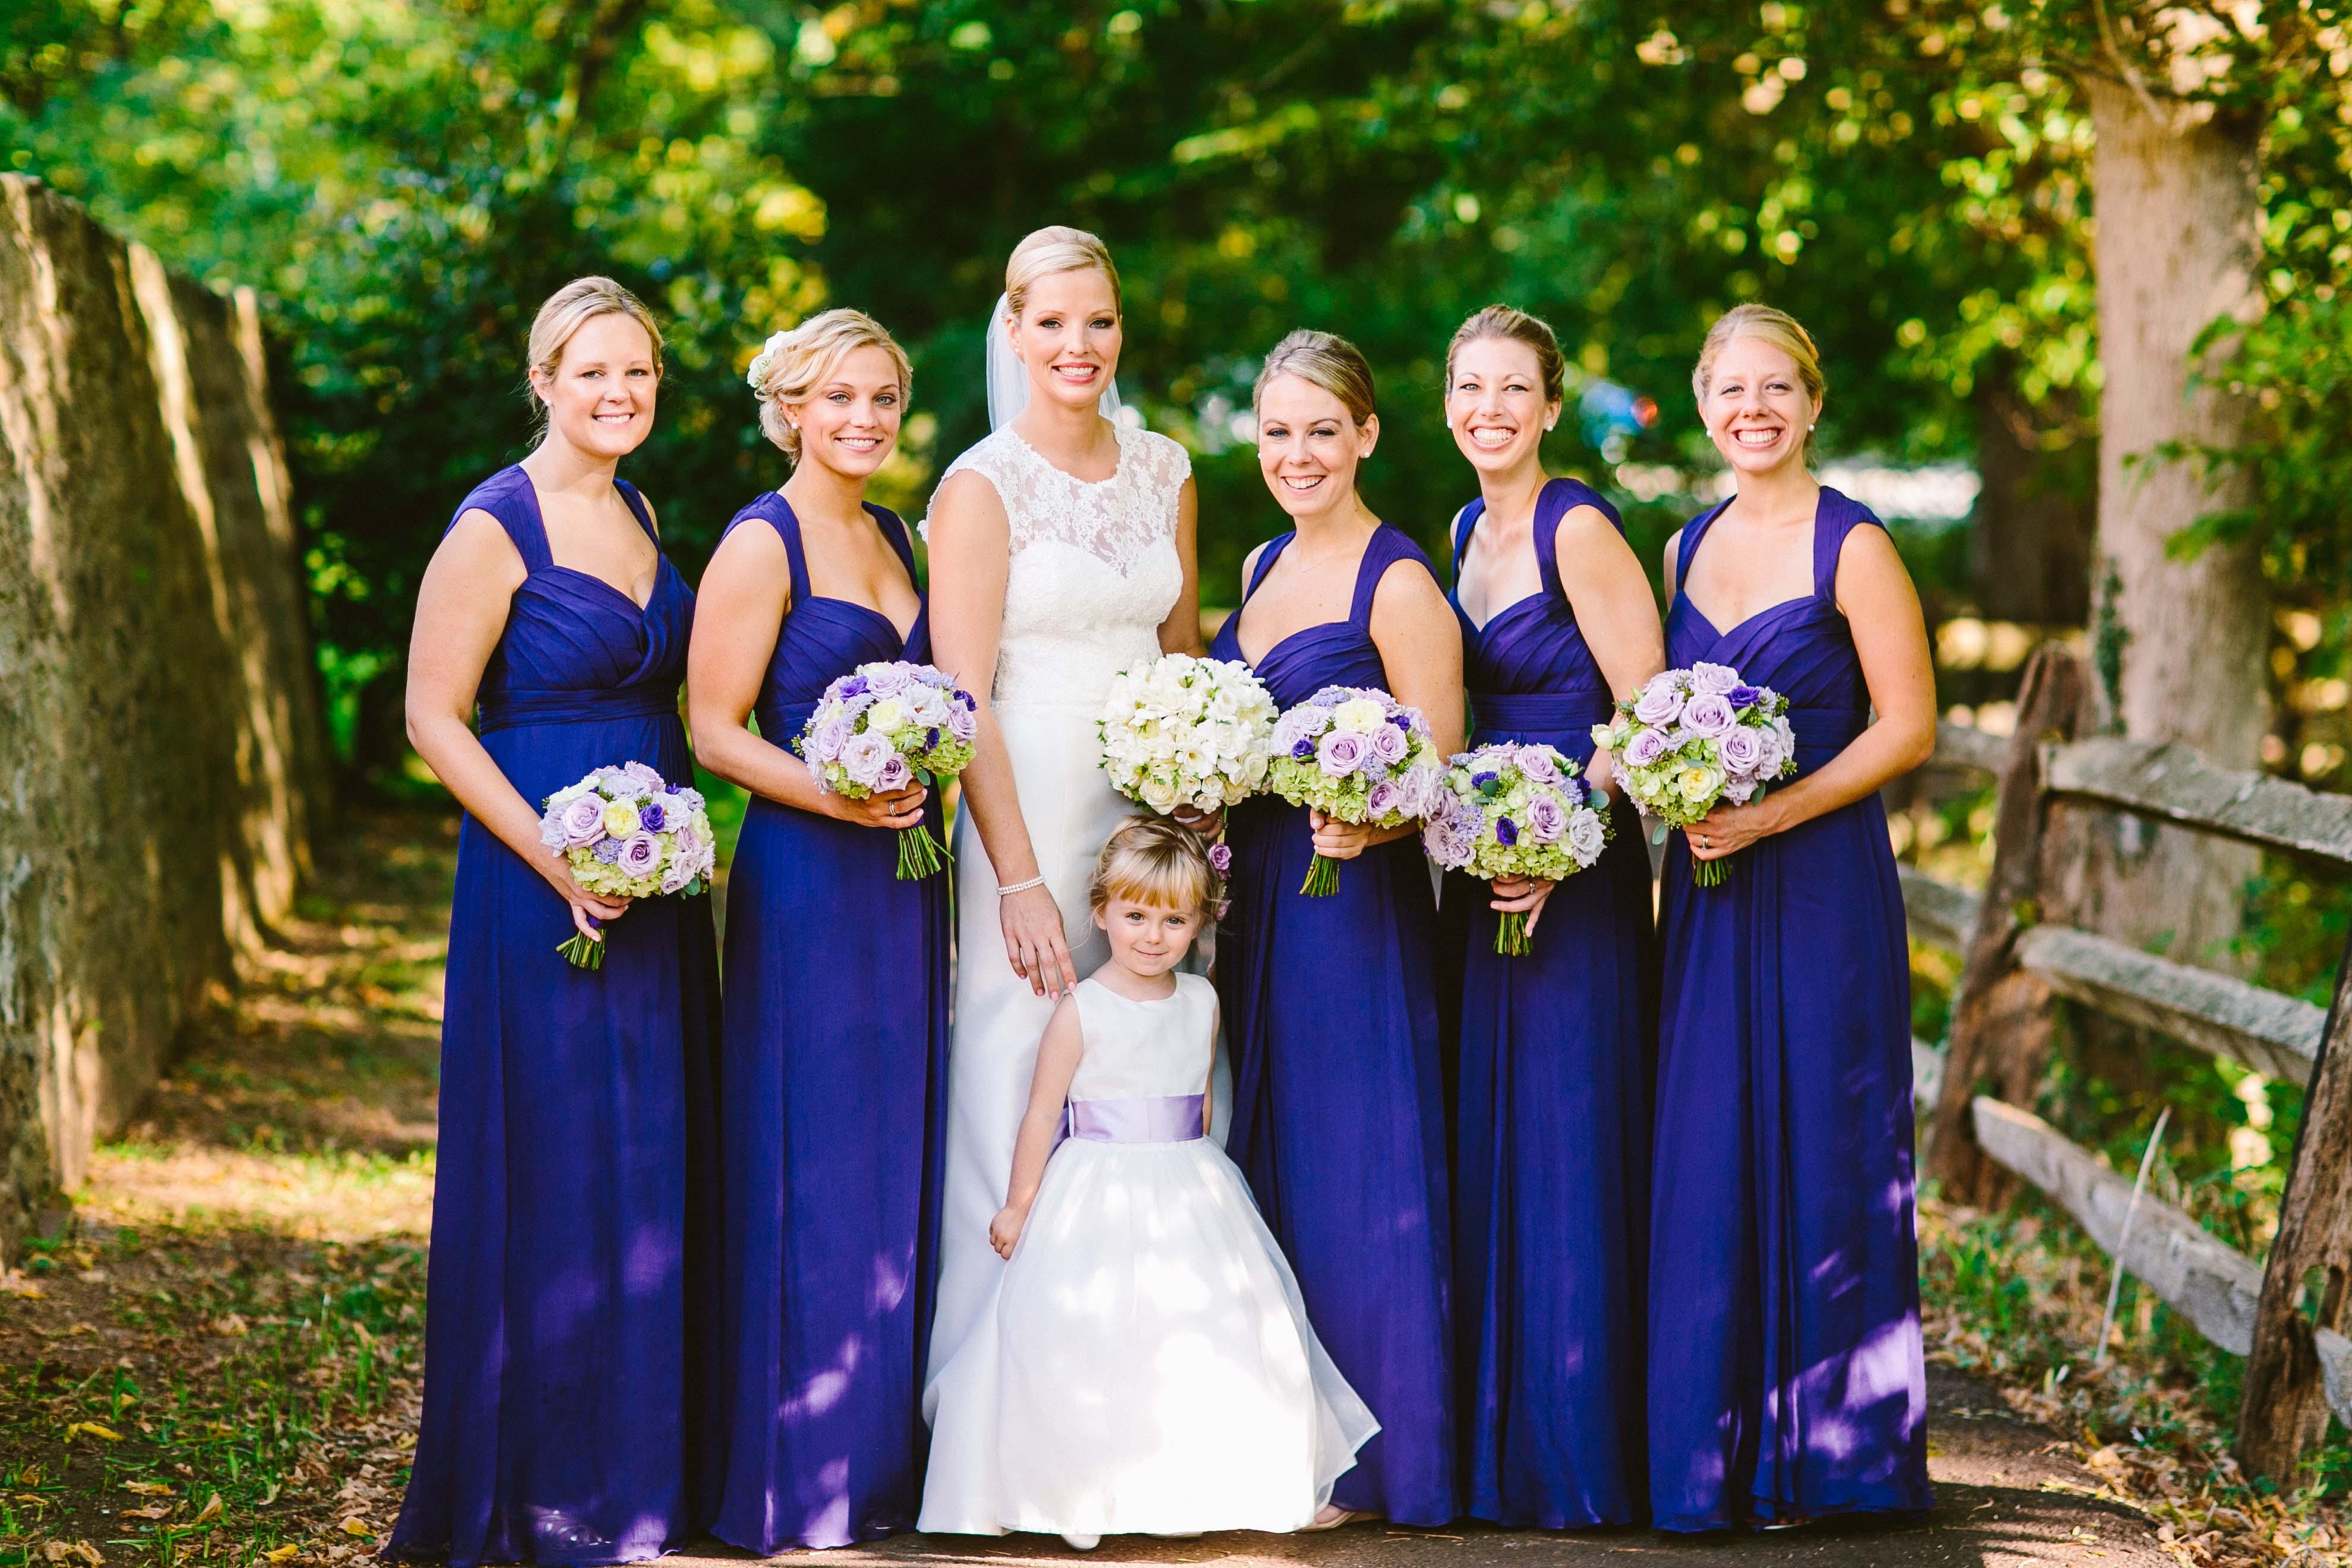 Royal Blue Bridesmaids Dresses Elizabeth Anne Designs